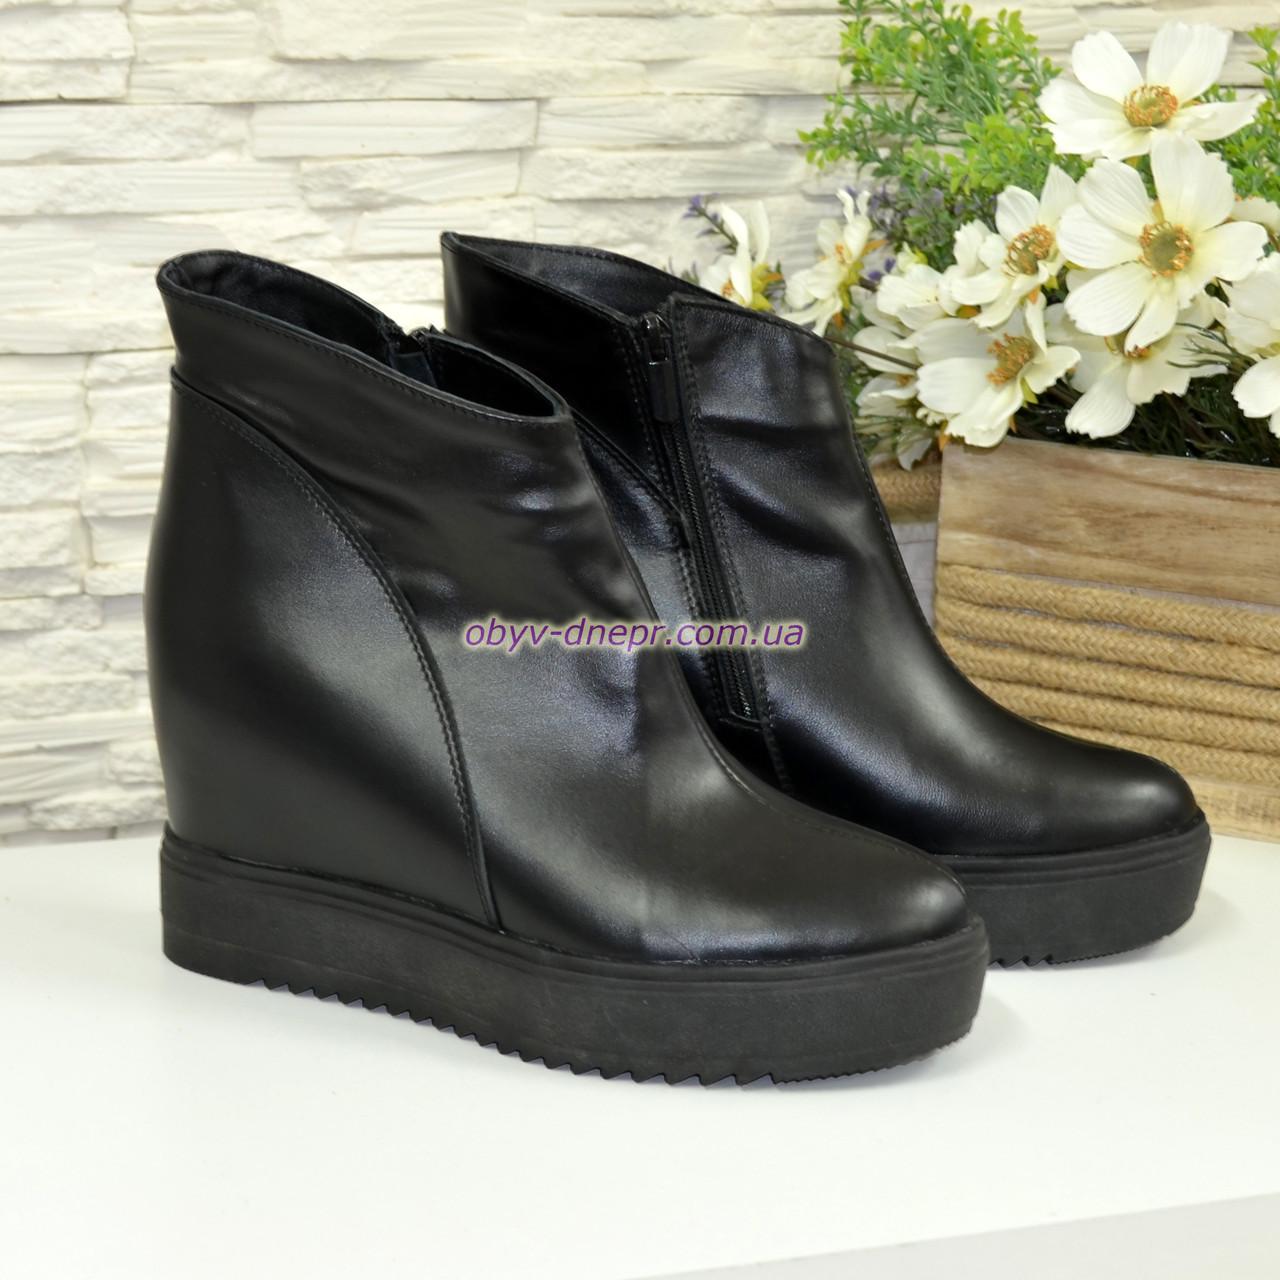 Черные кожаные зимние женские ботинки на скрытой платформе.